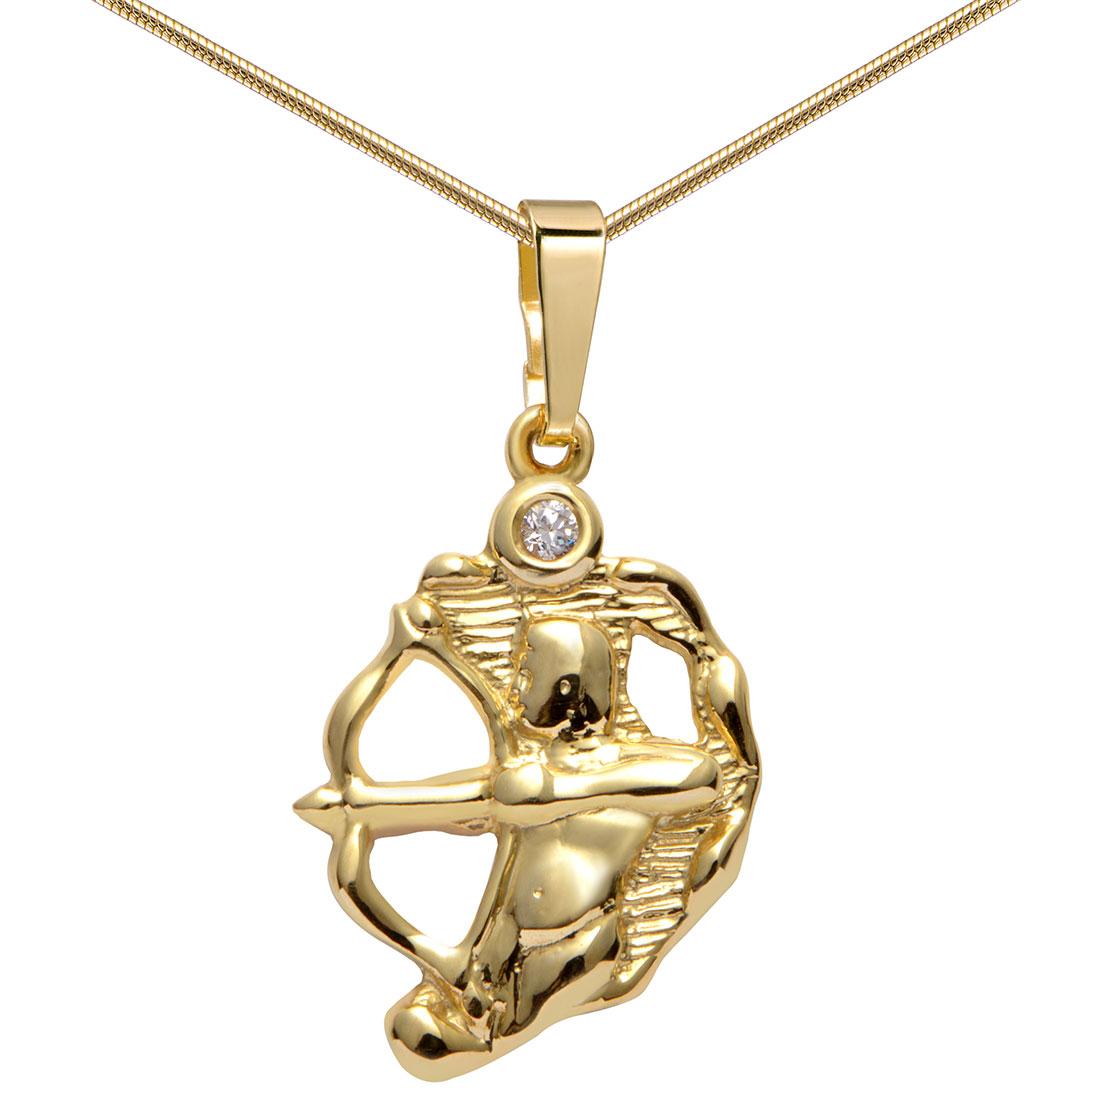 MATERIA Kettenanhänger Sternzeichen Schütze Gold